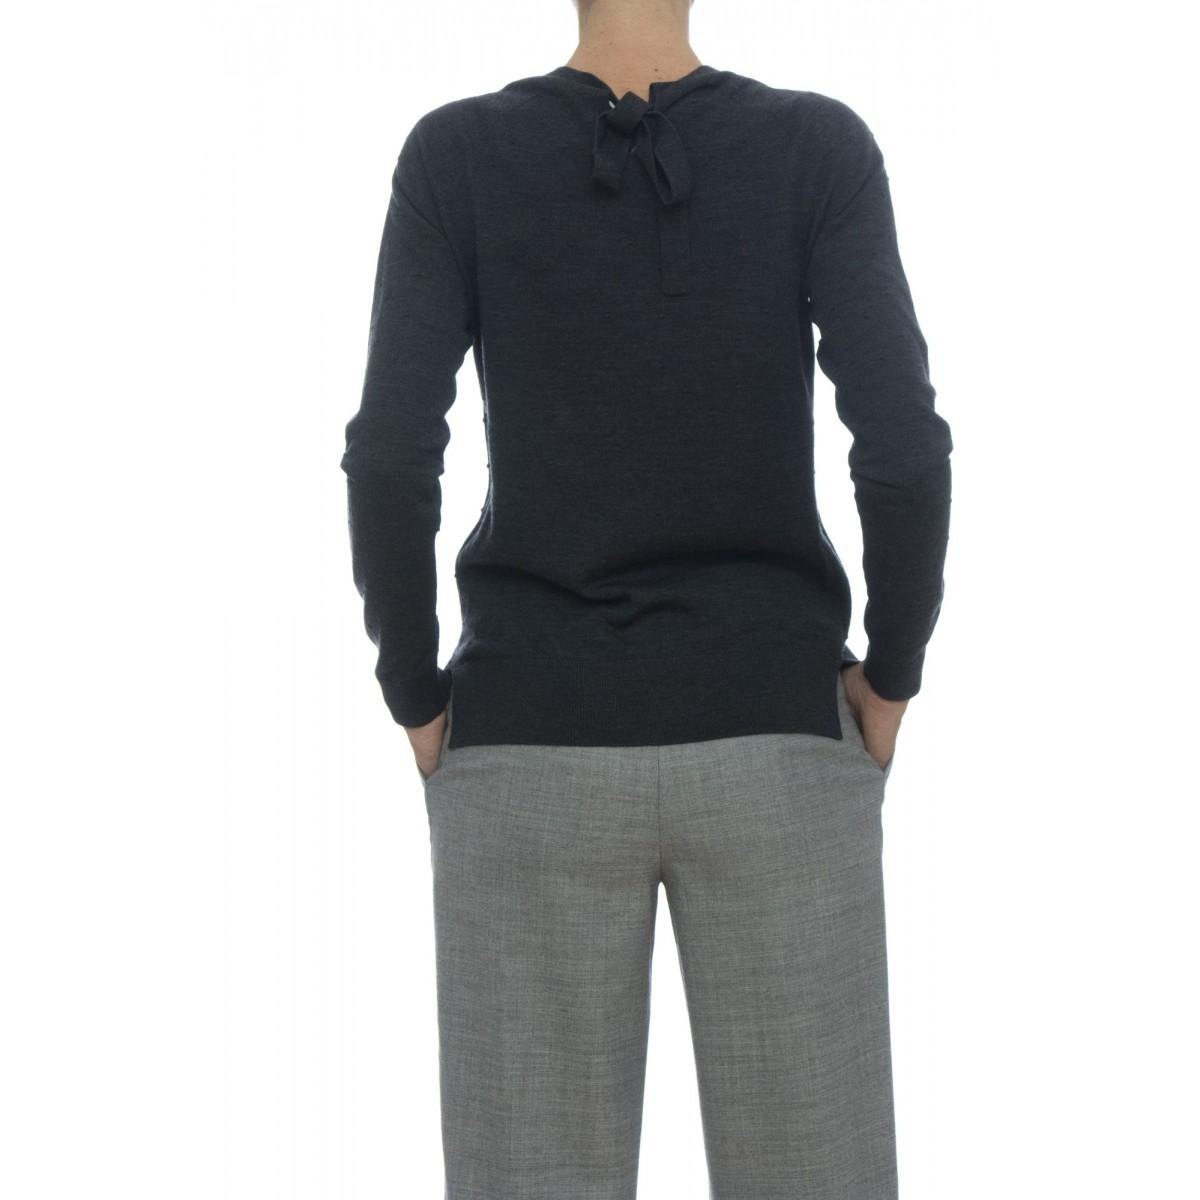 Maglia donna - 27239 maglia lana merinos extra fine